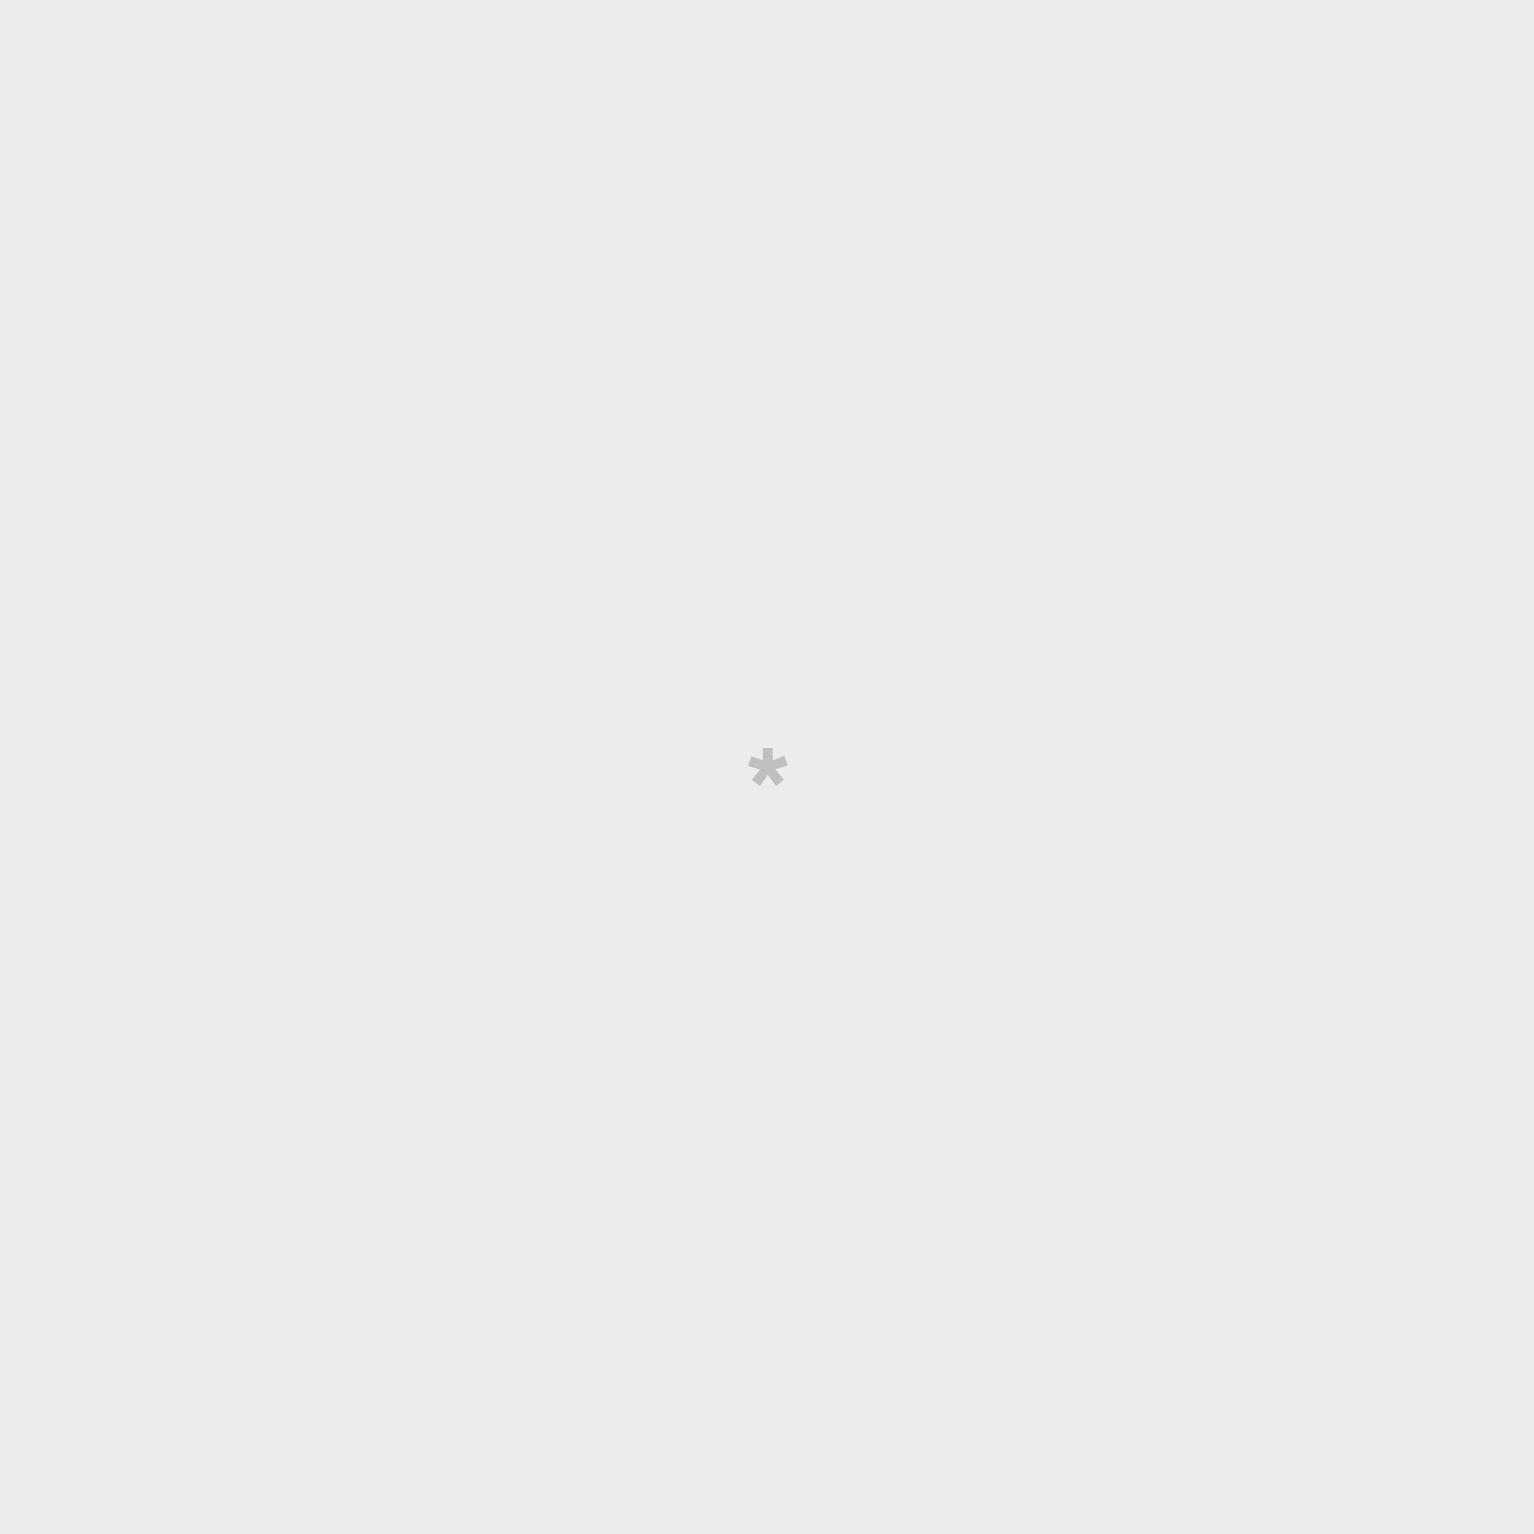 Caixa de metal - Papelada, cartas e outras coisas super importantes